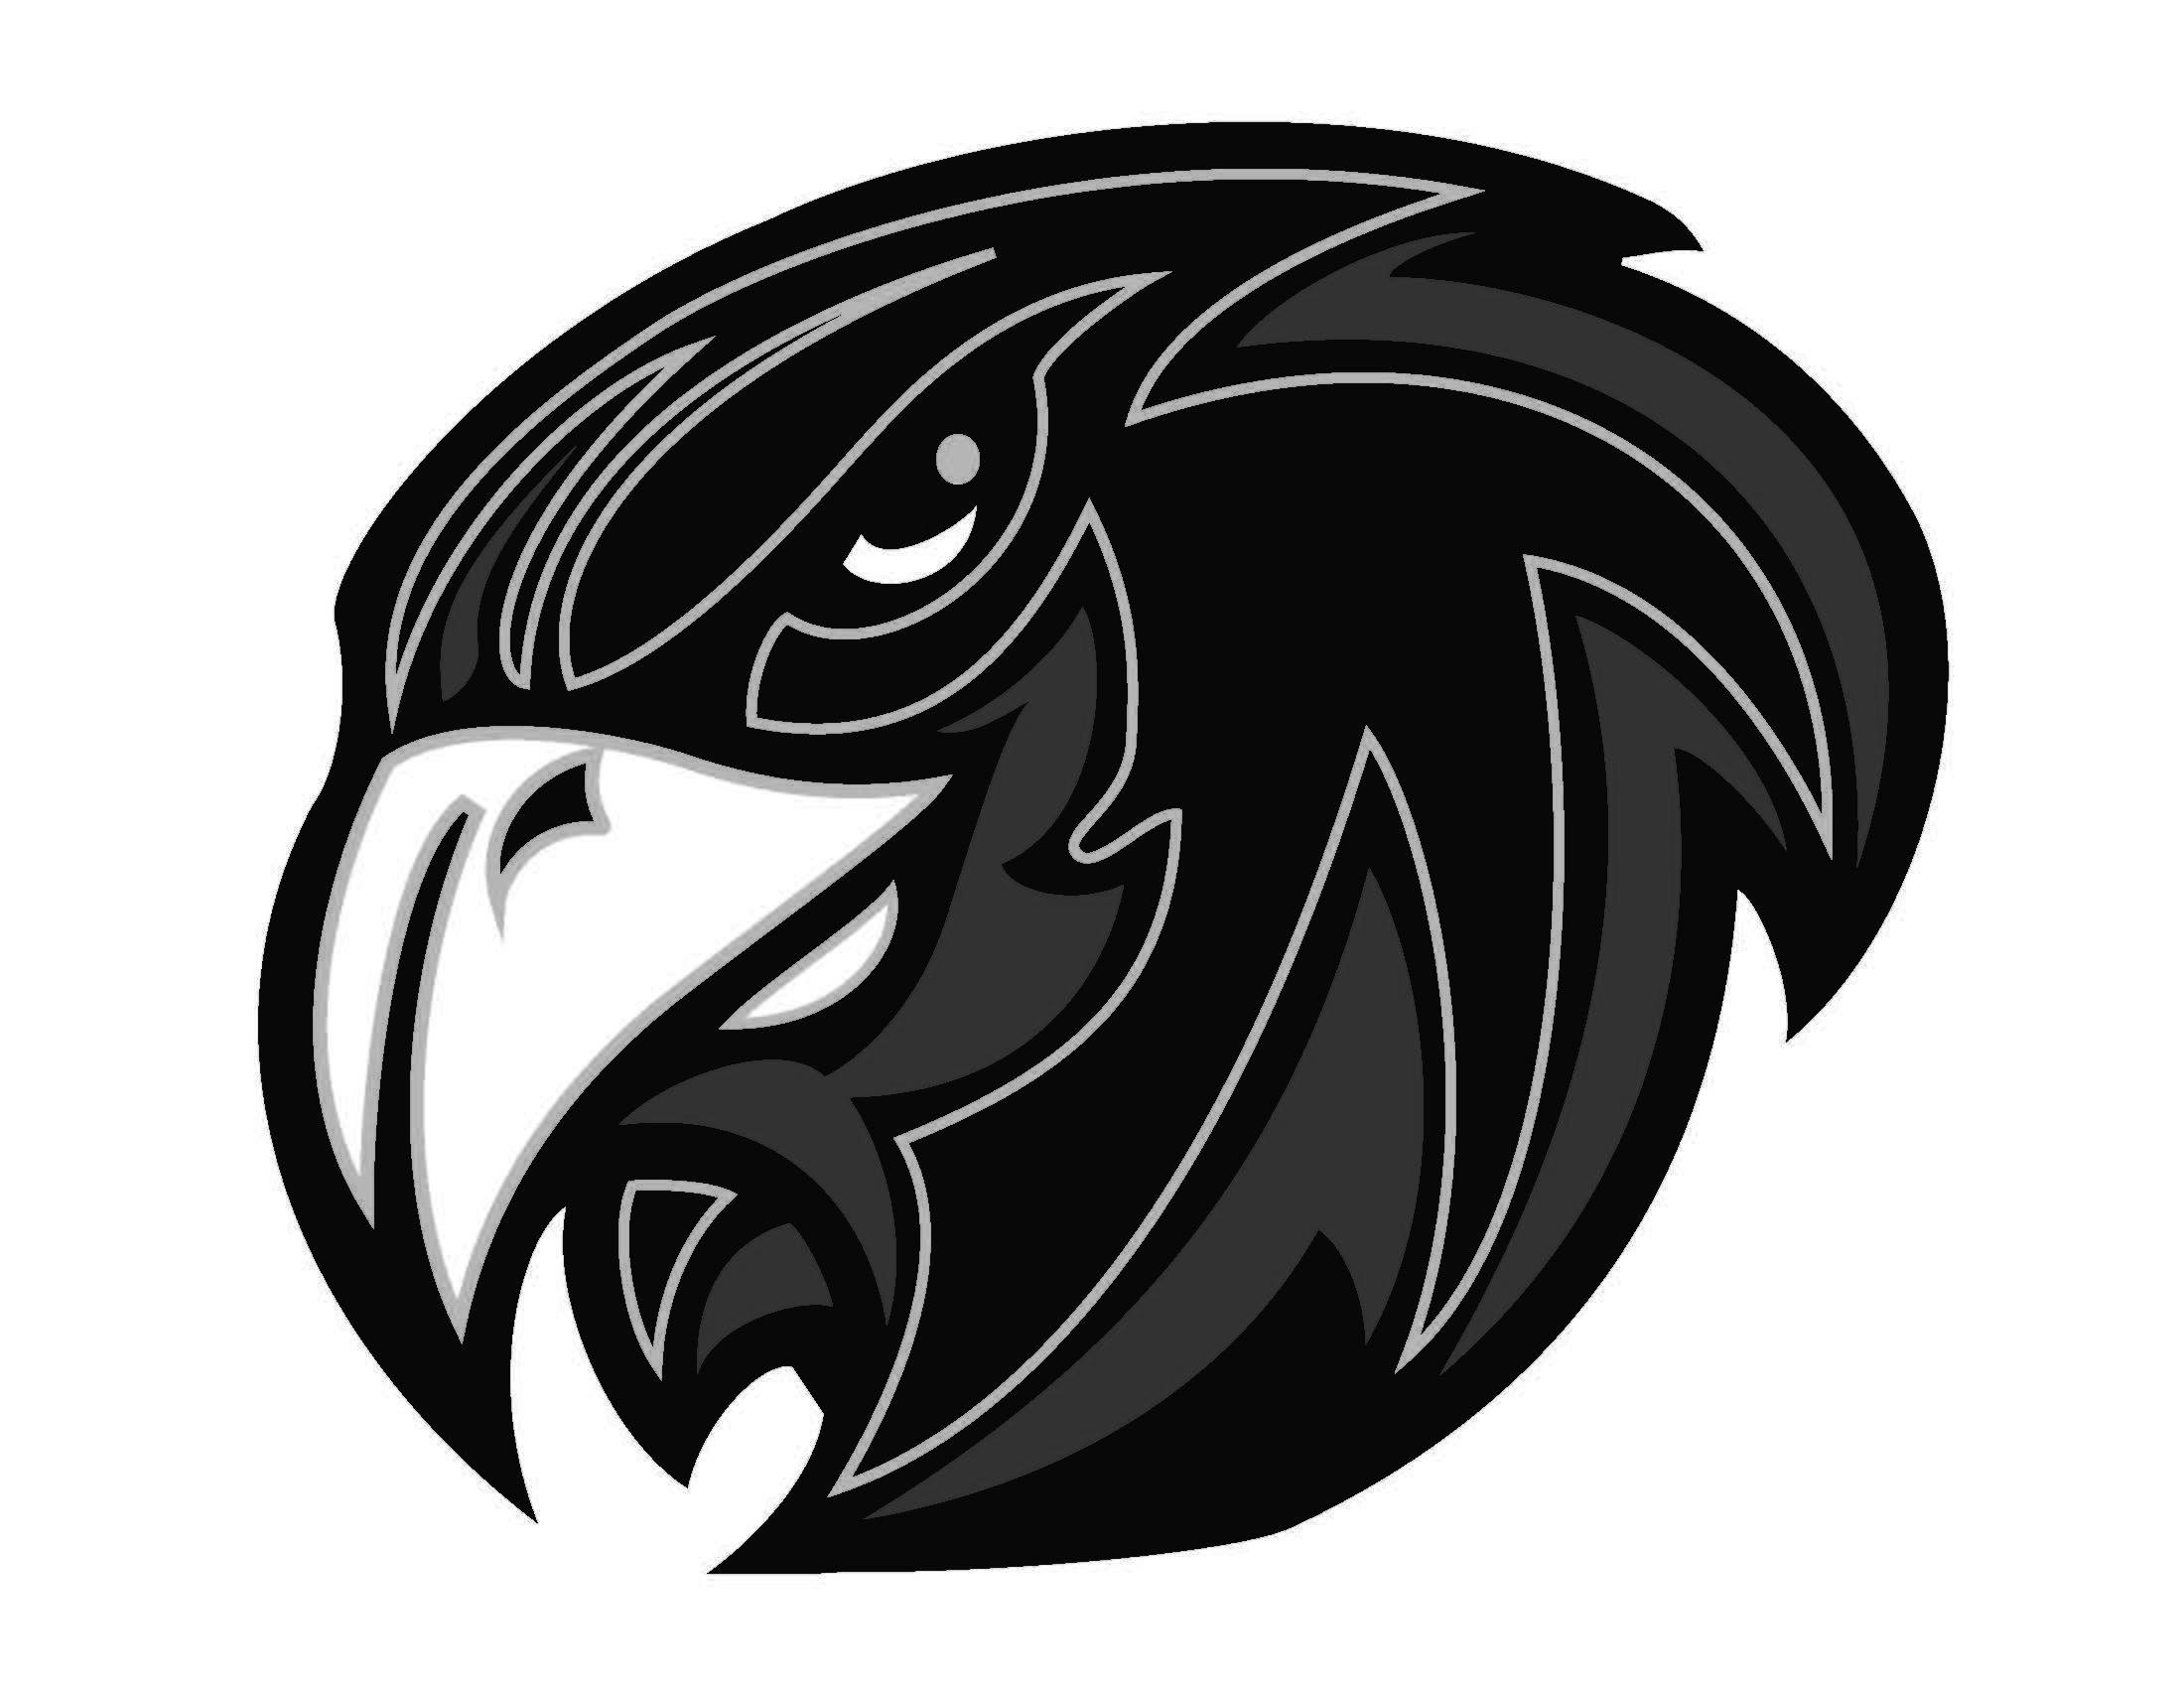 Hawk clipart logo. Top head vector images